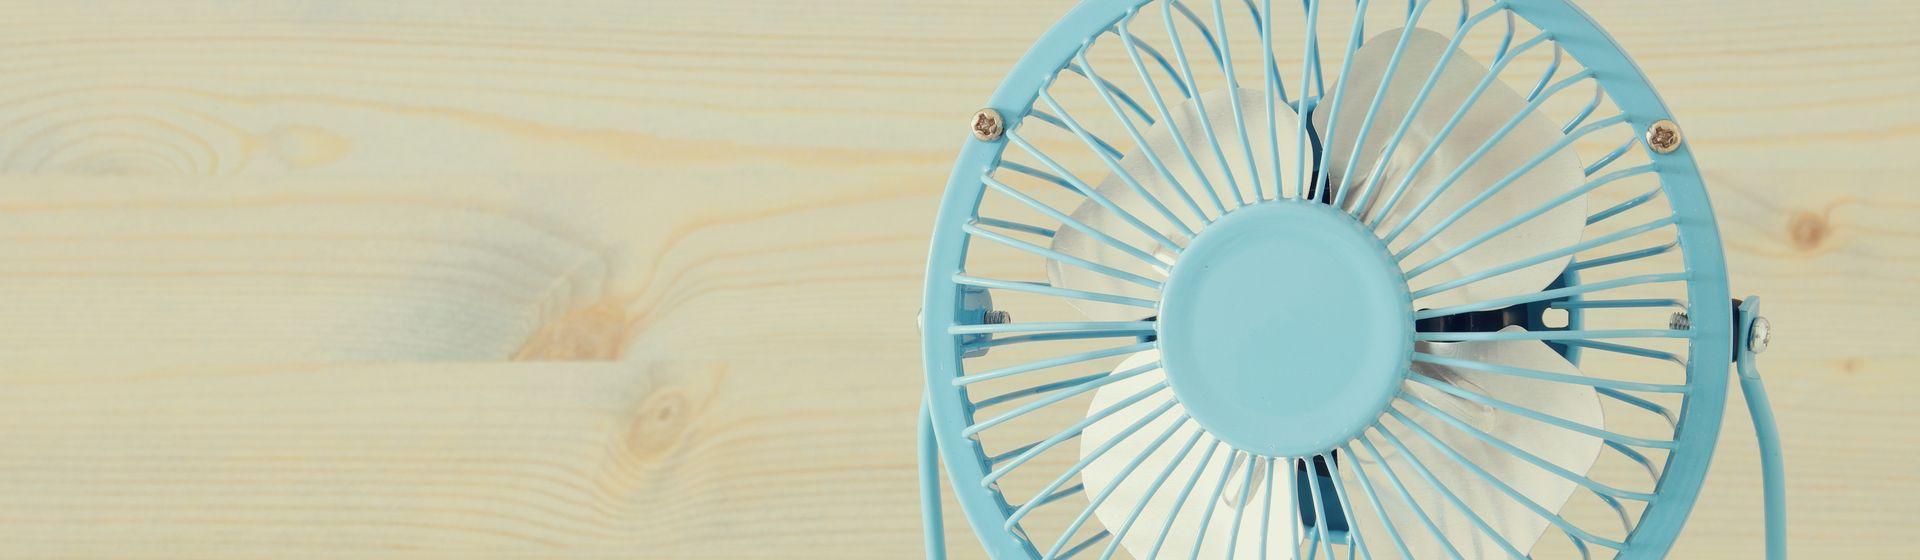 Como desmontar ventilador Arno?